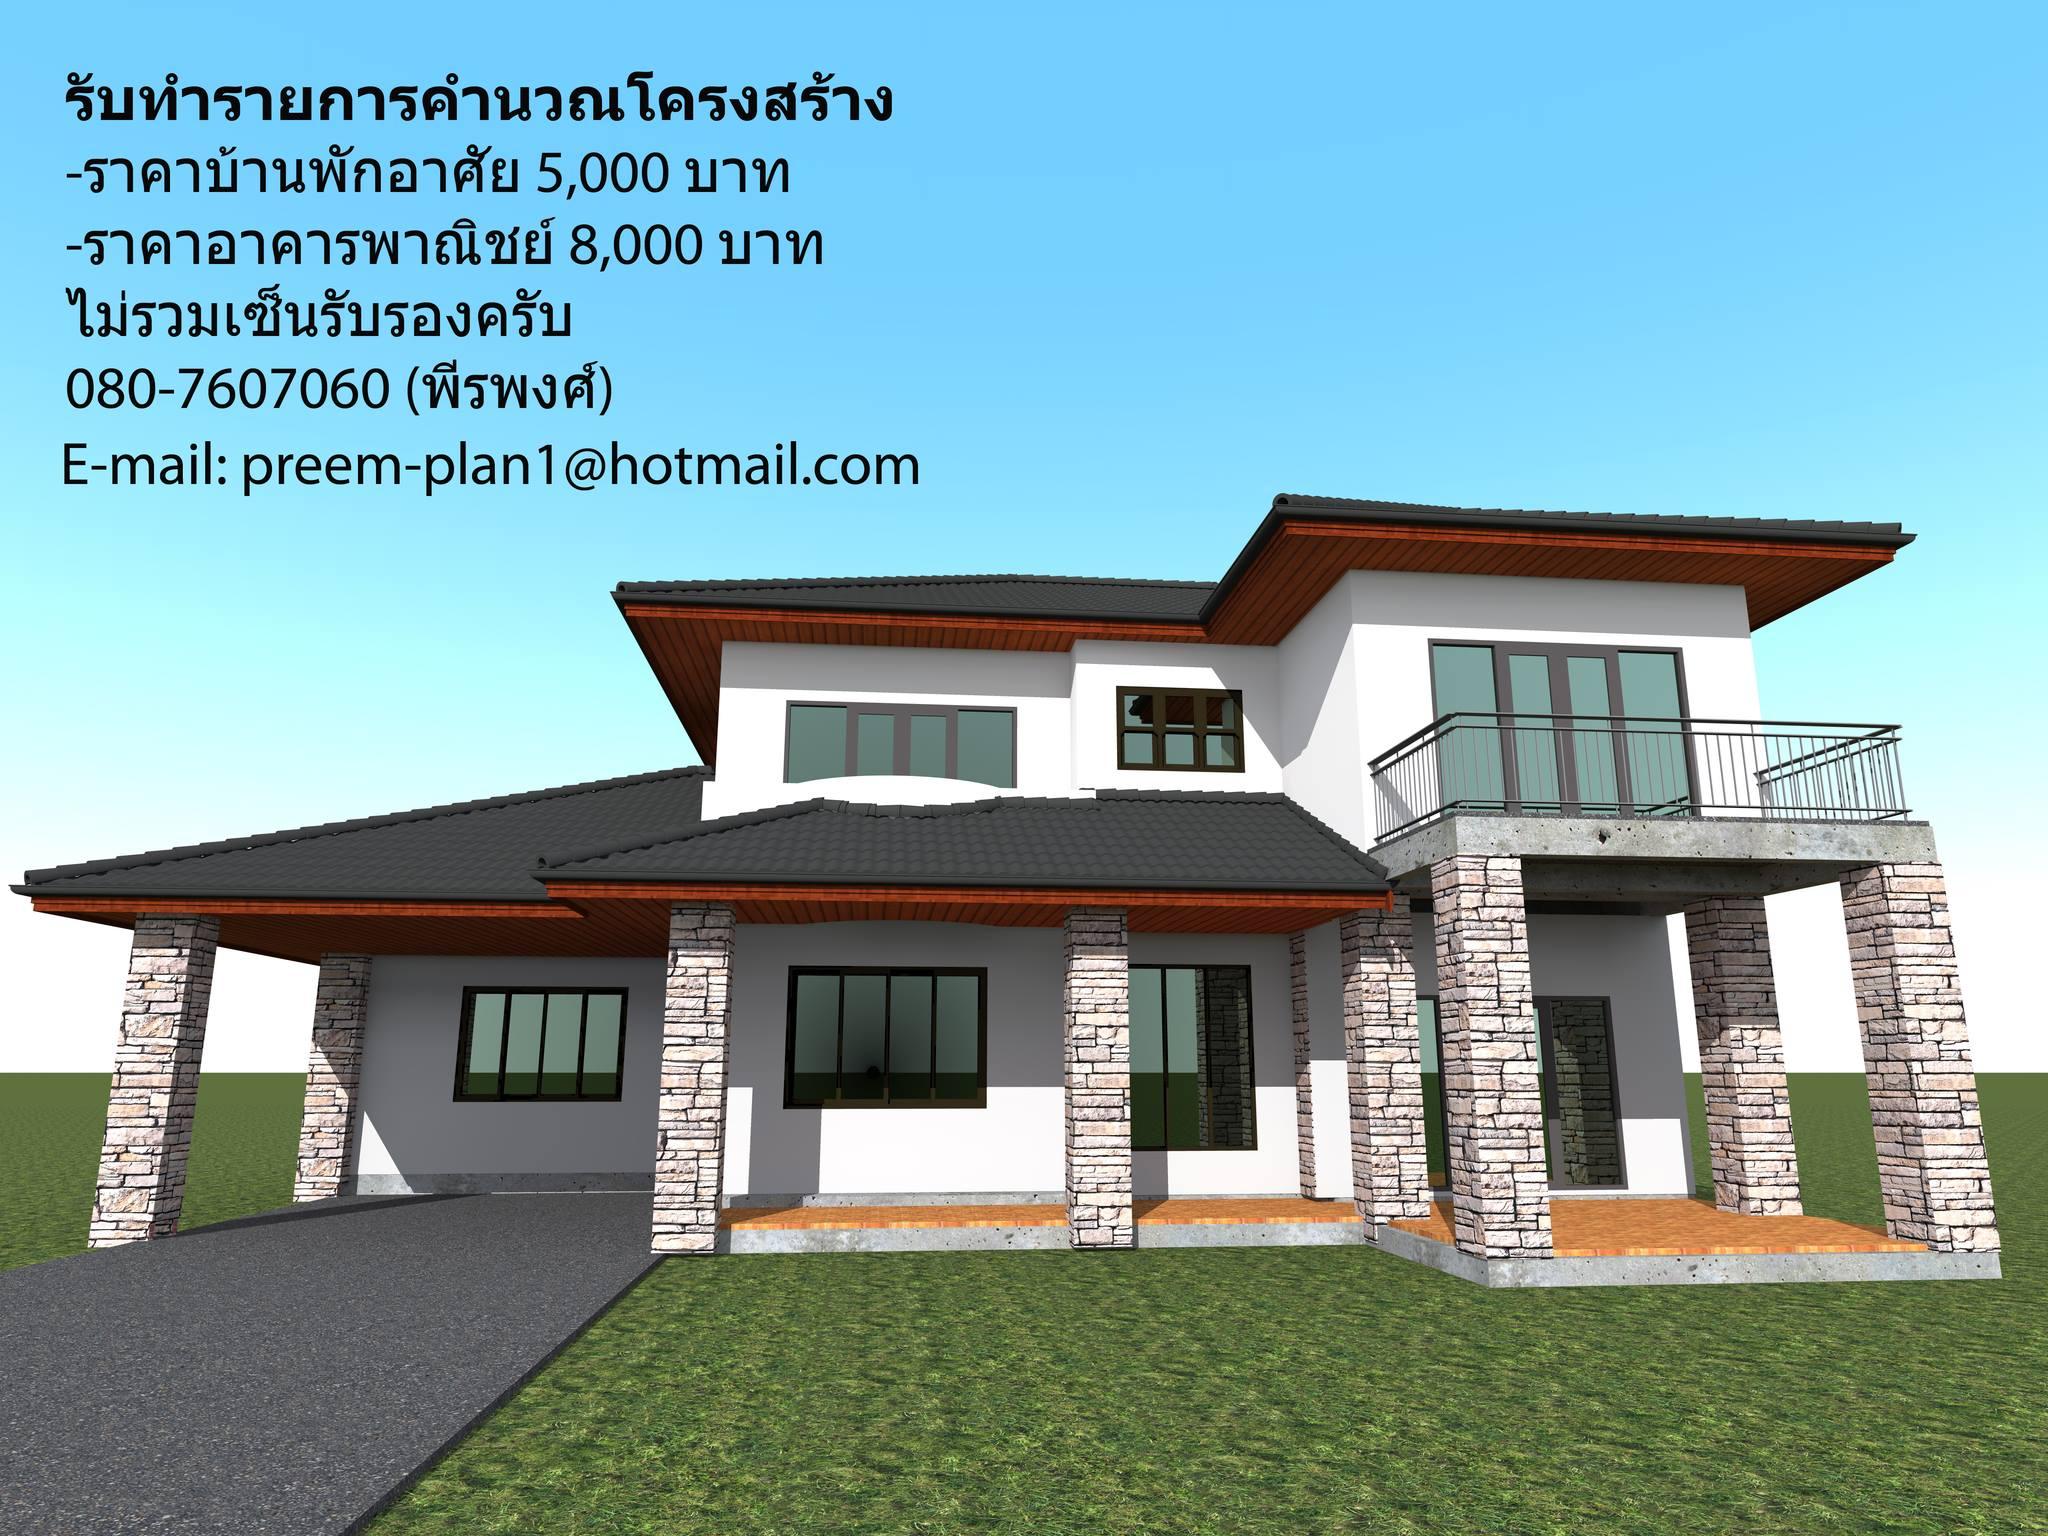 รับเขียนแบบบ้าน แบบบ้าน ออกแบบบ้าน เขียนแบบ ขายแบบบ้าน บ้านราคาถูก